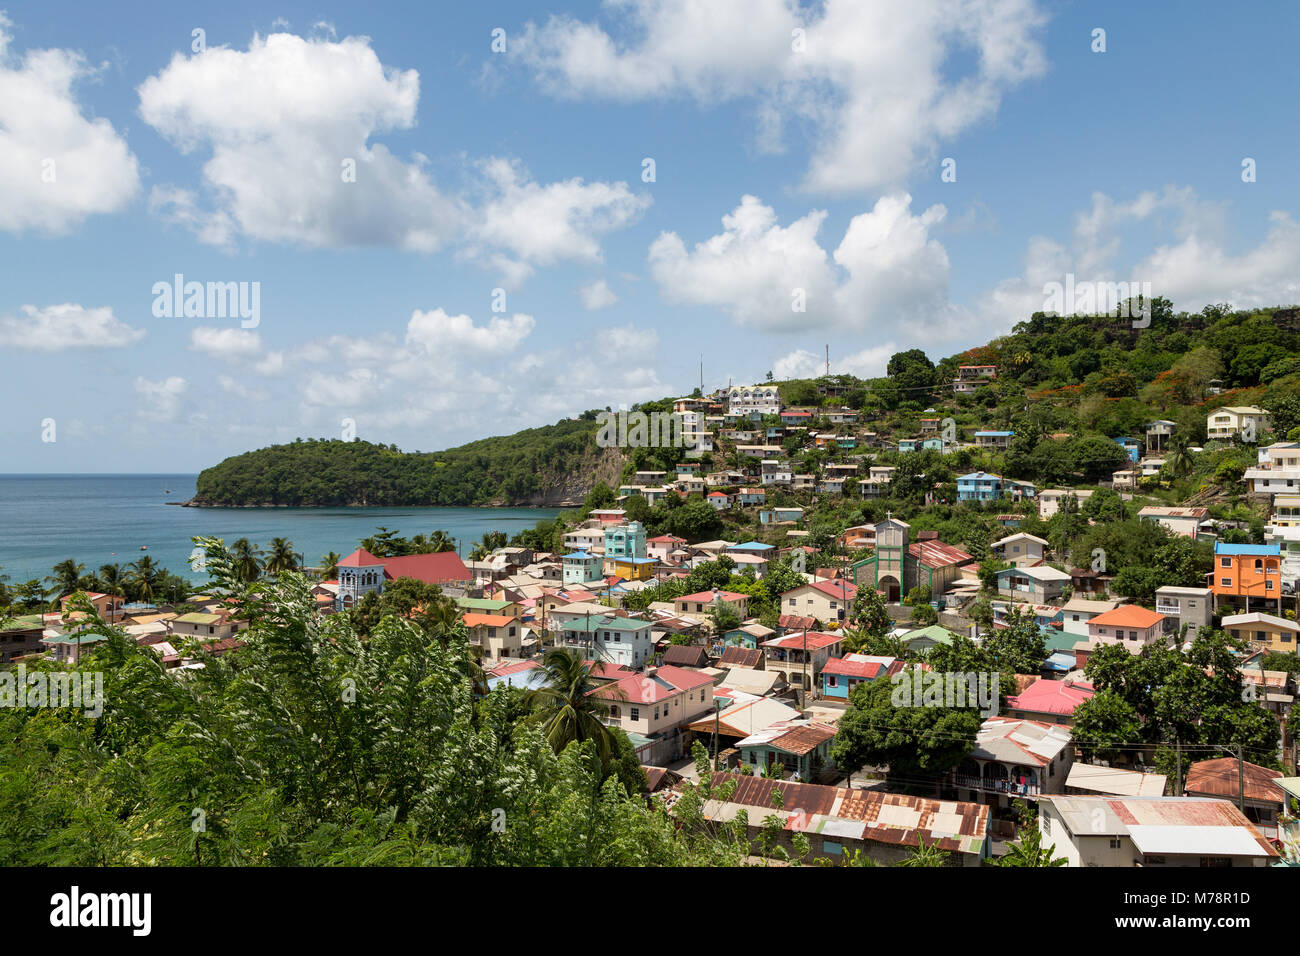 La pequeña ciudad de Canarias, Canarias bahía, Santa Lucía, Islas de Barlovento del Caribe, Las Antillas, Imagen De Stock